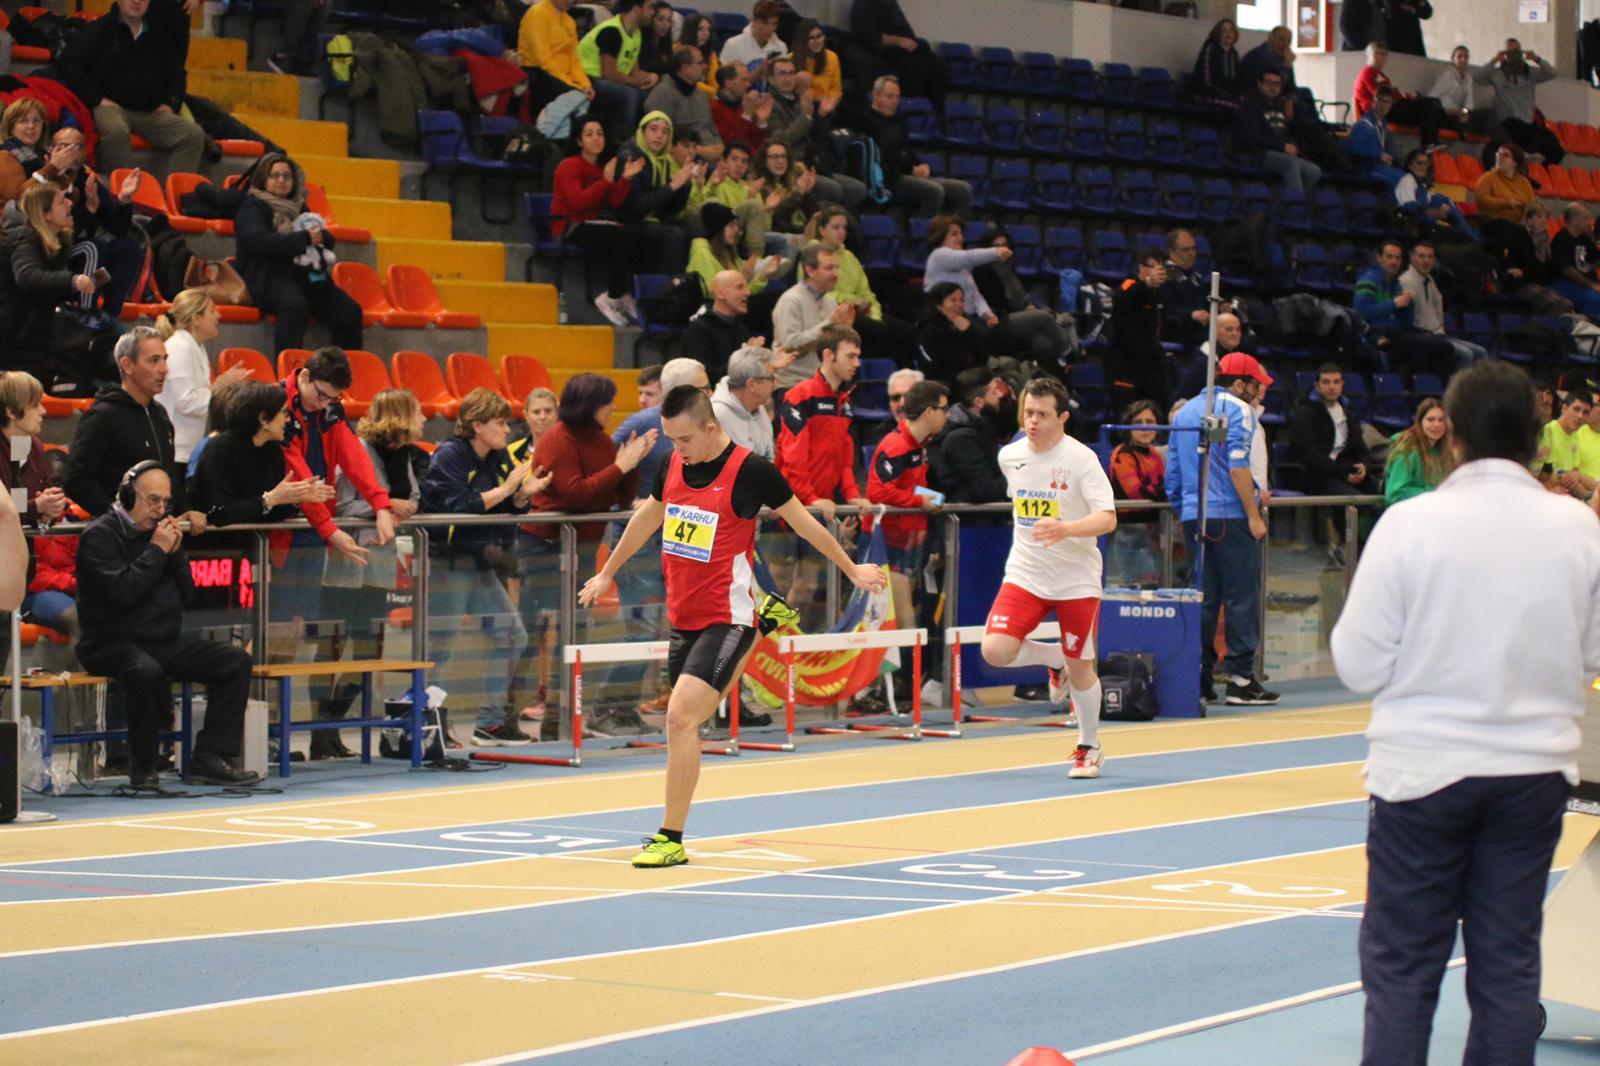 Atletica leggera, 11 nuovi record italiani agli indoor di Ancona